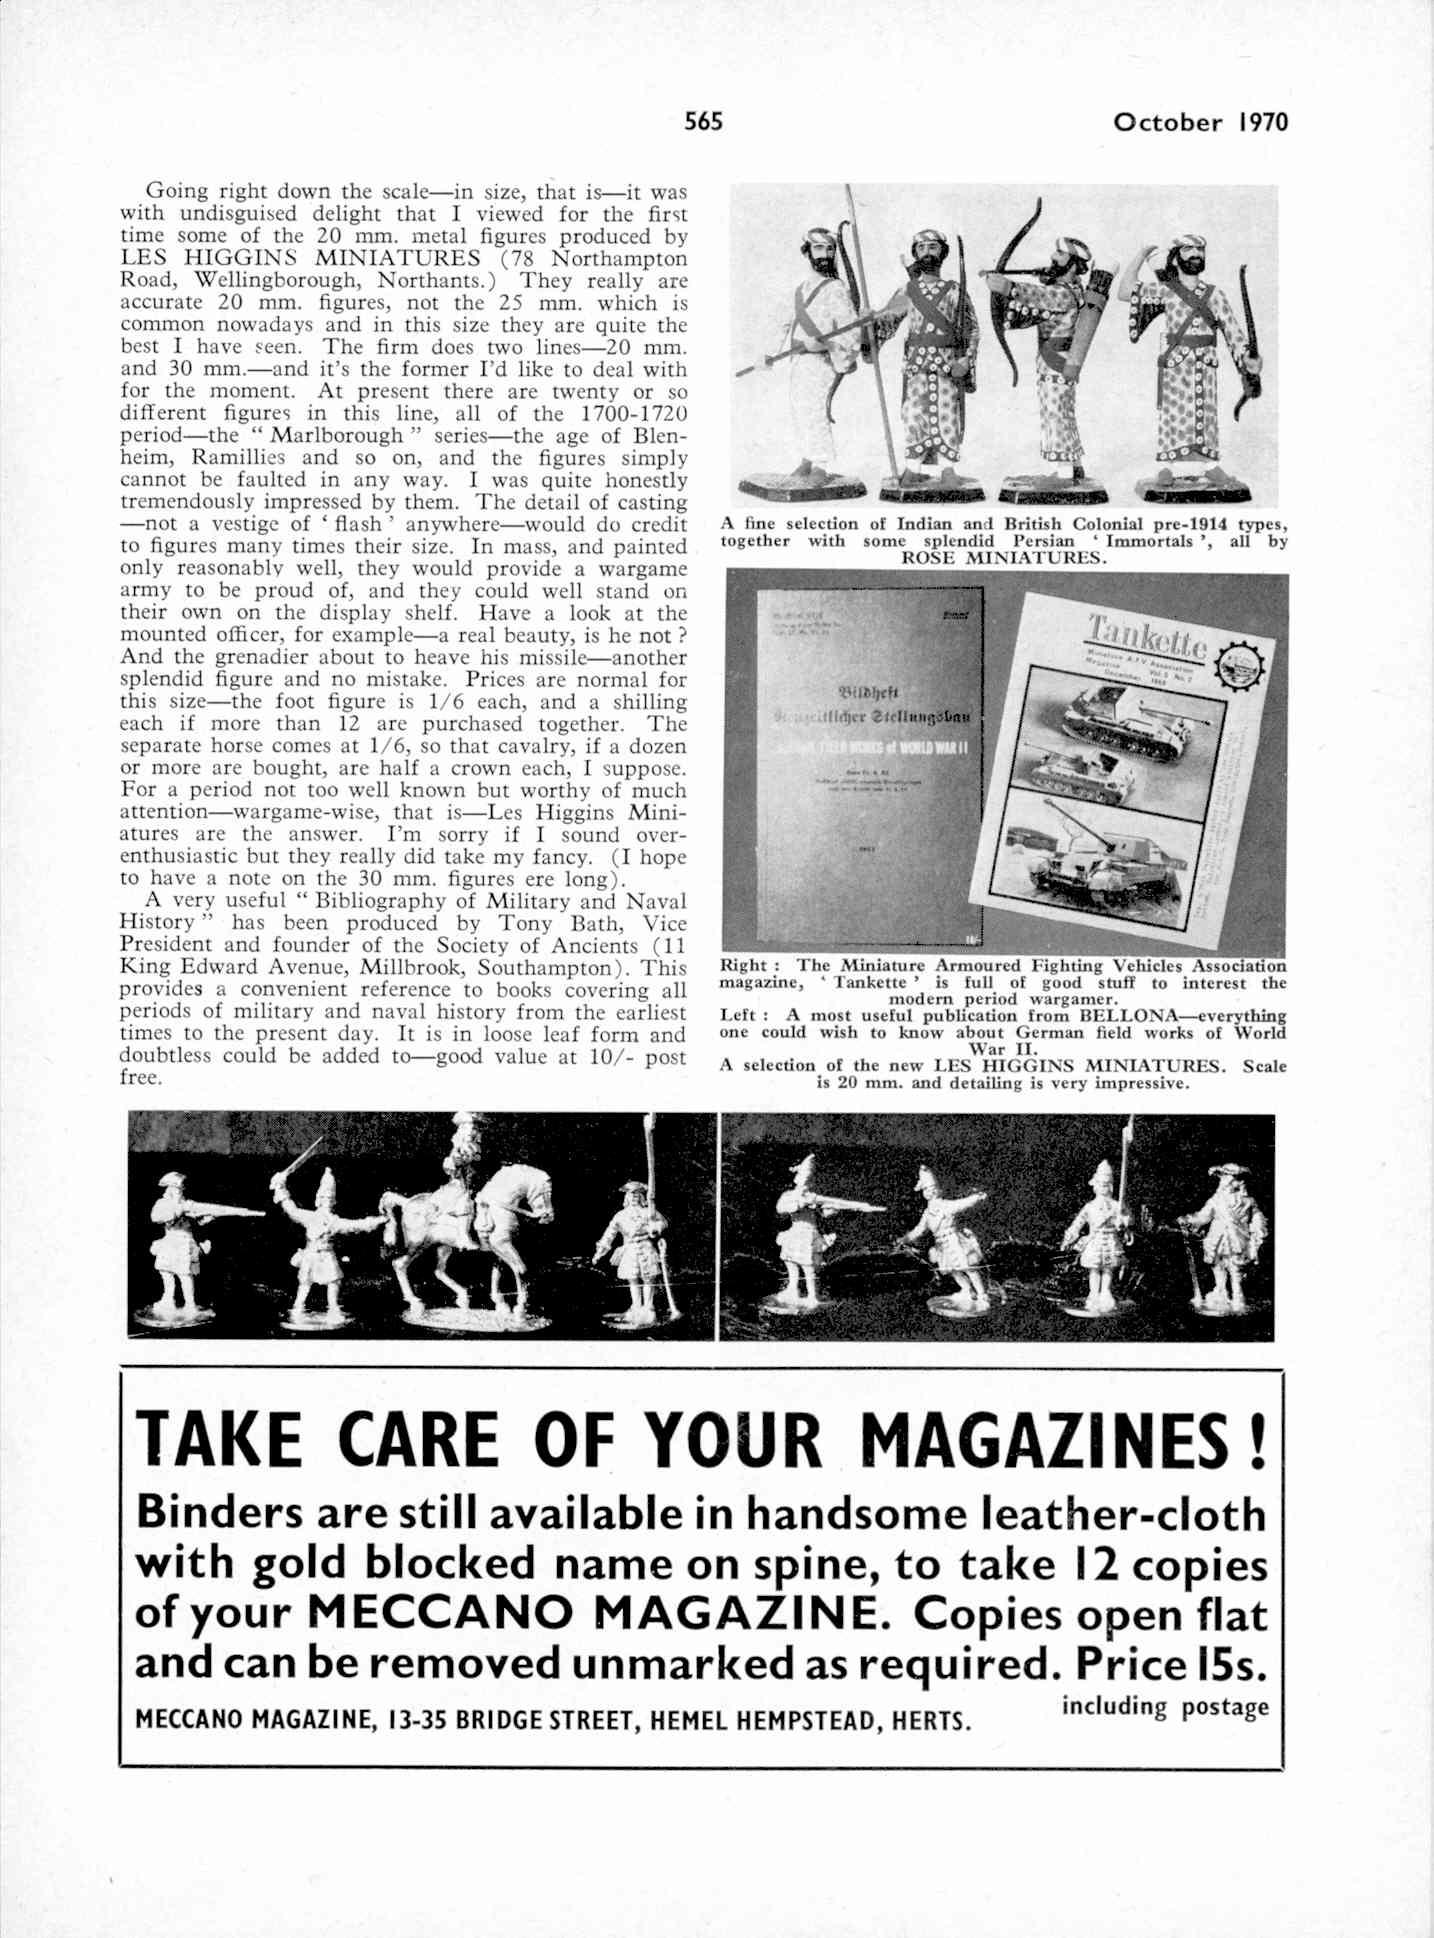 UK Meccano Magazine October 1970 Page 565